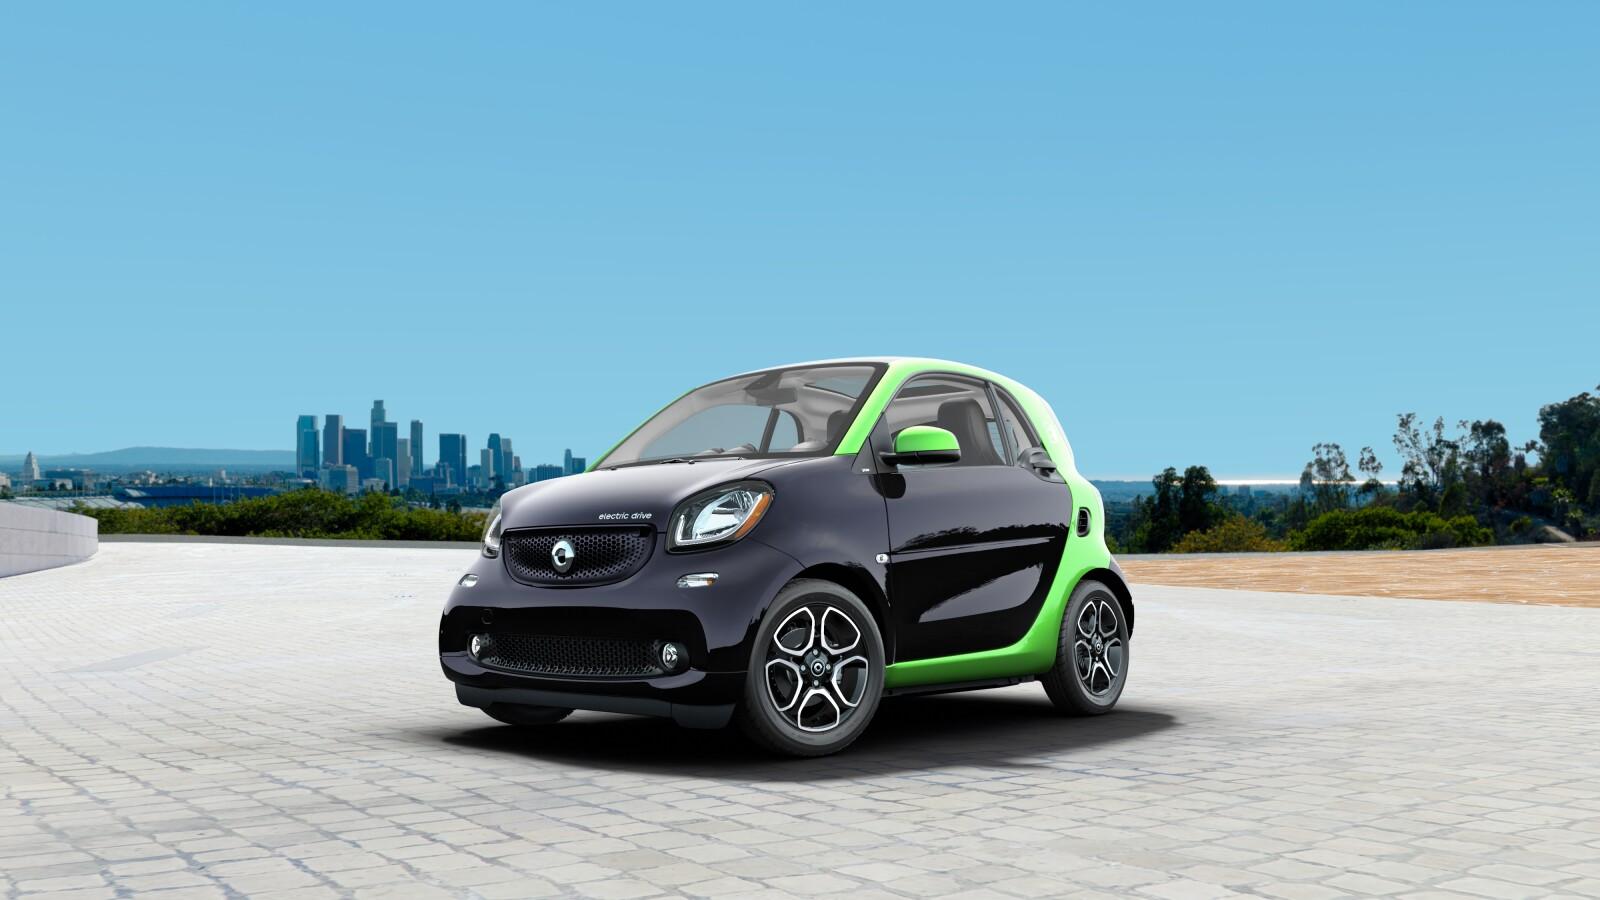 2018 smart prime coupe